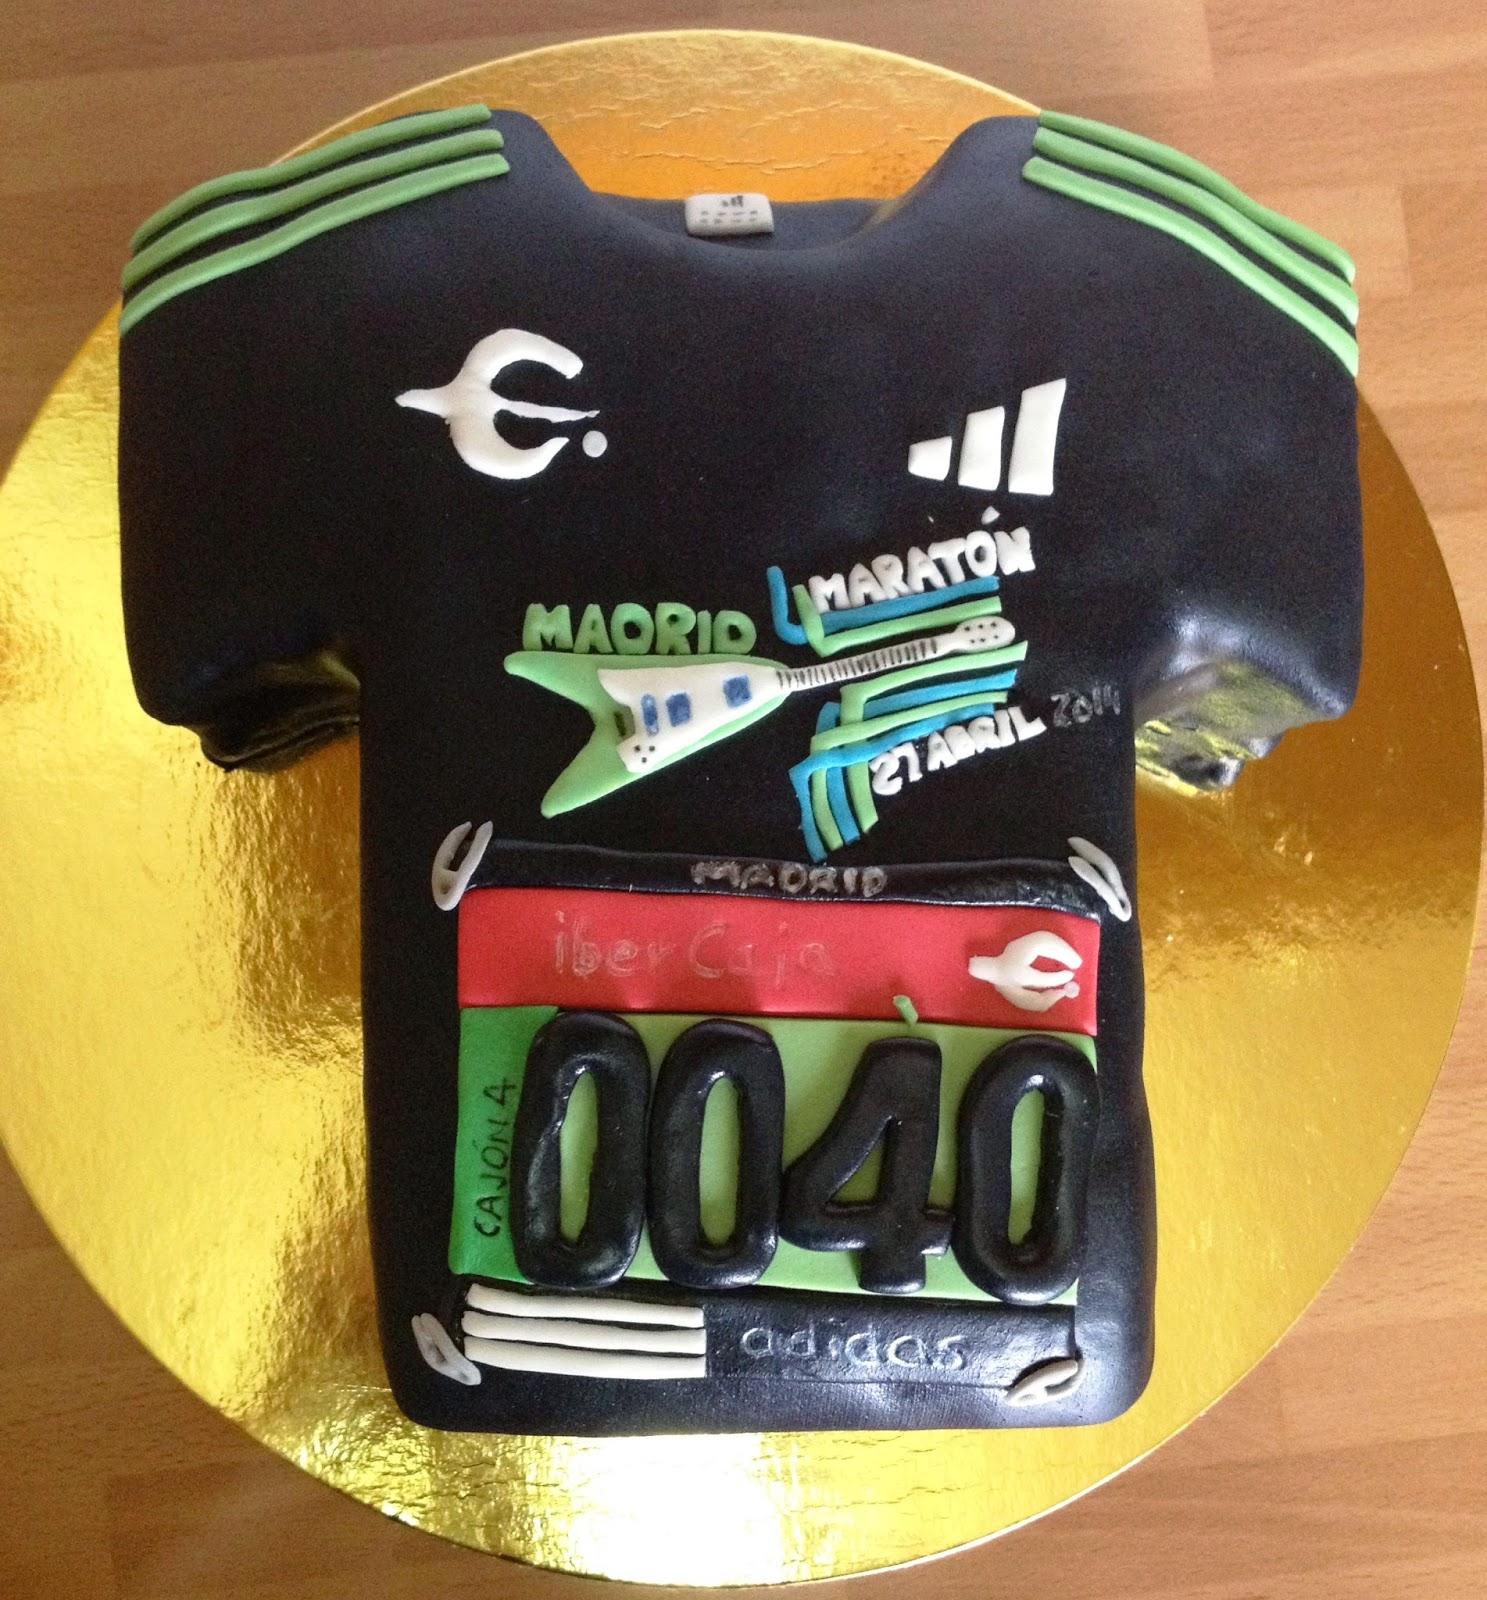 tarta fondant camiseta, tarta decorada camiseta, tarta maraton; tara decorada maraton; tarta fondant maraton de madrid; tarta decorada maraton de madrid